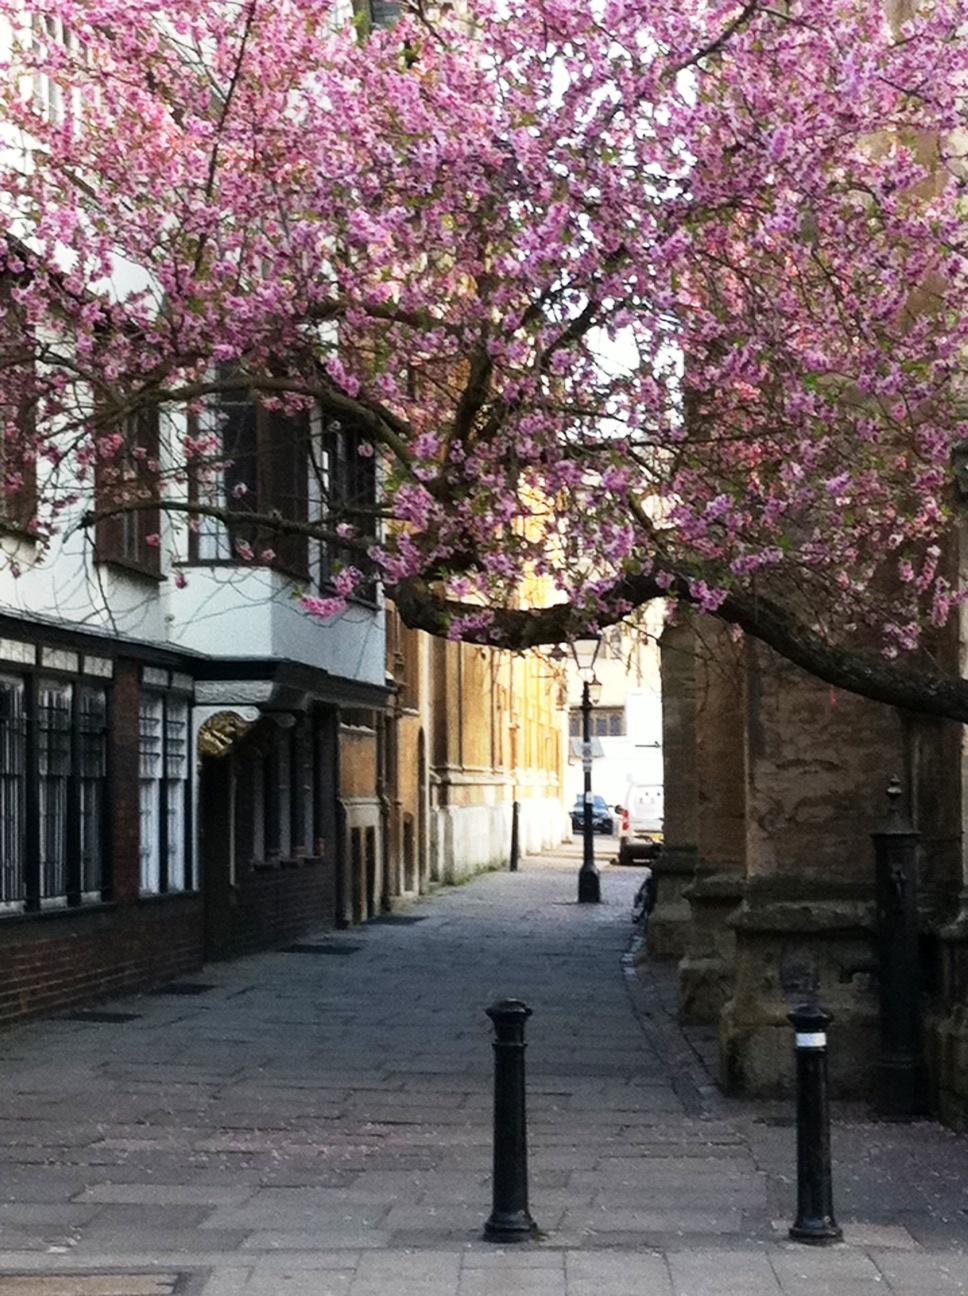 Cerejeira na passagem entre St. Mary the Virgin e a Radcliffe Camera. Quando a cerejeira floresce: spring is coming.